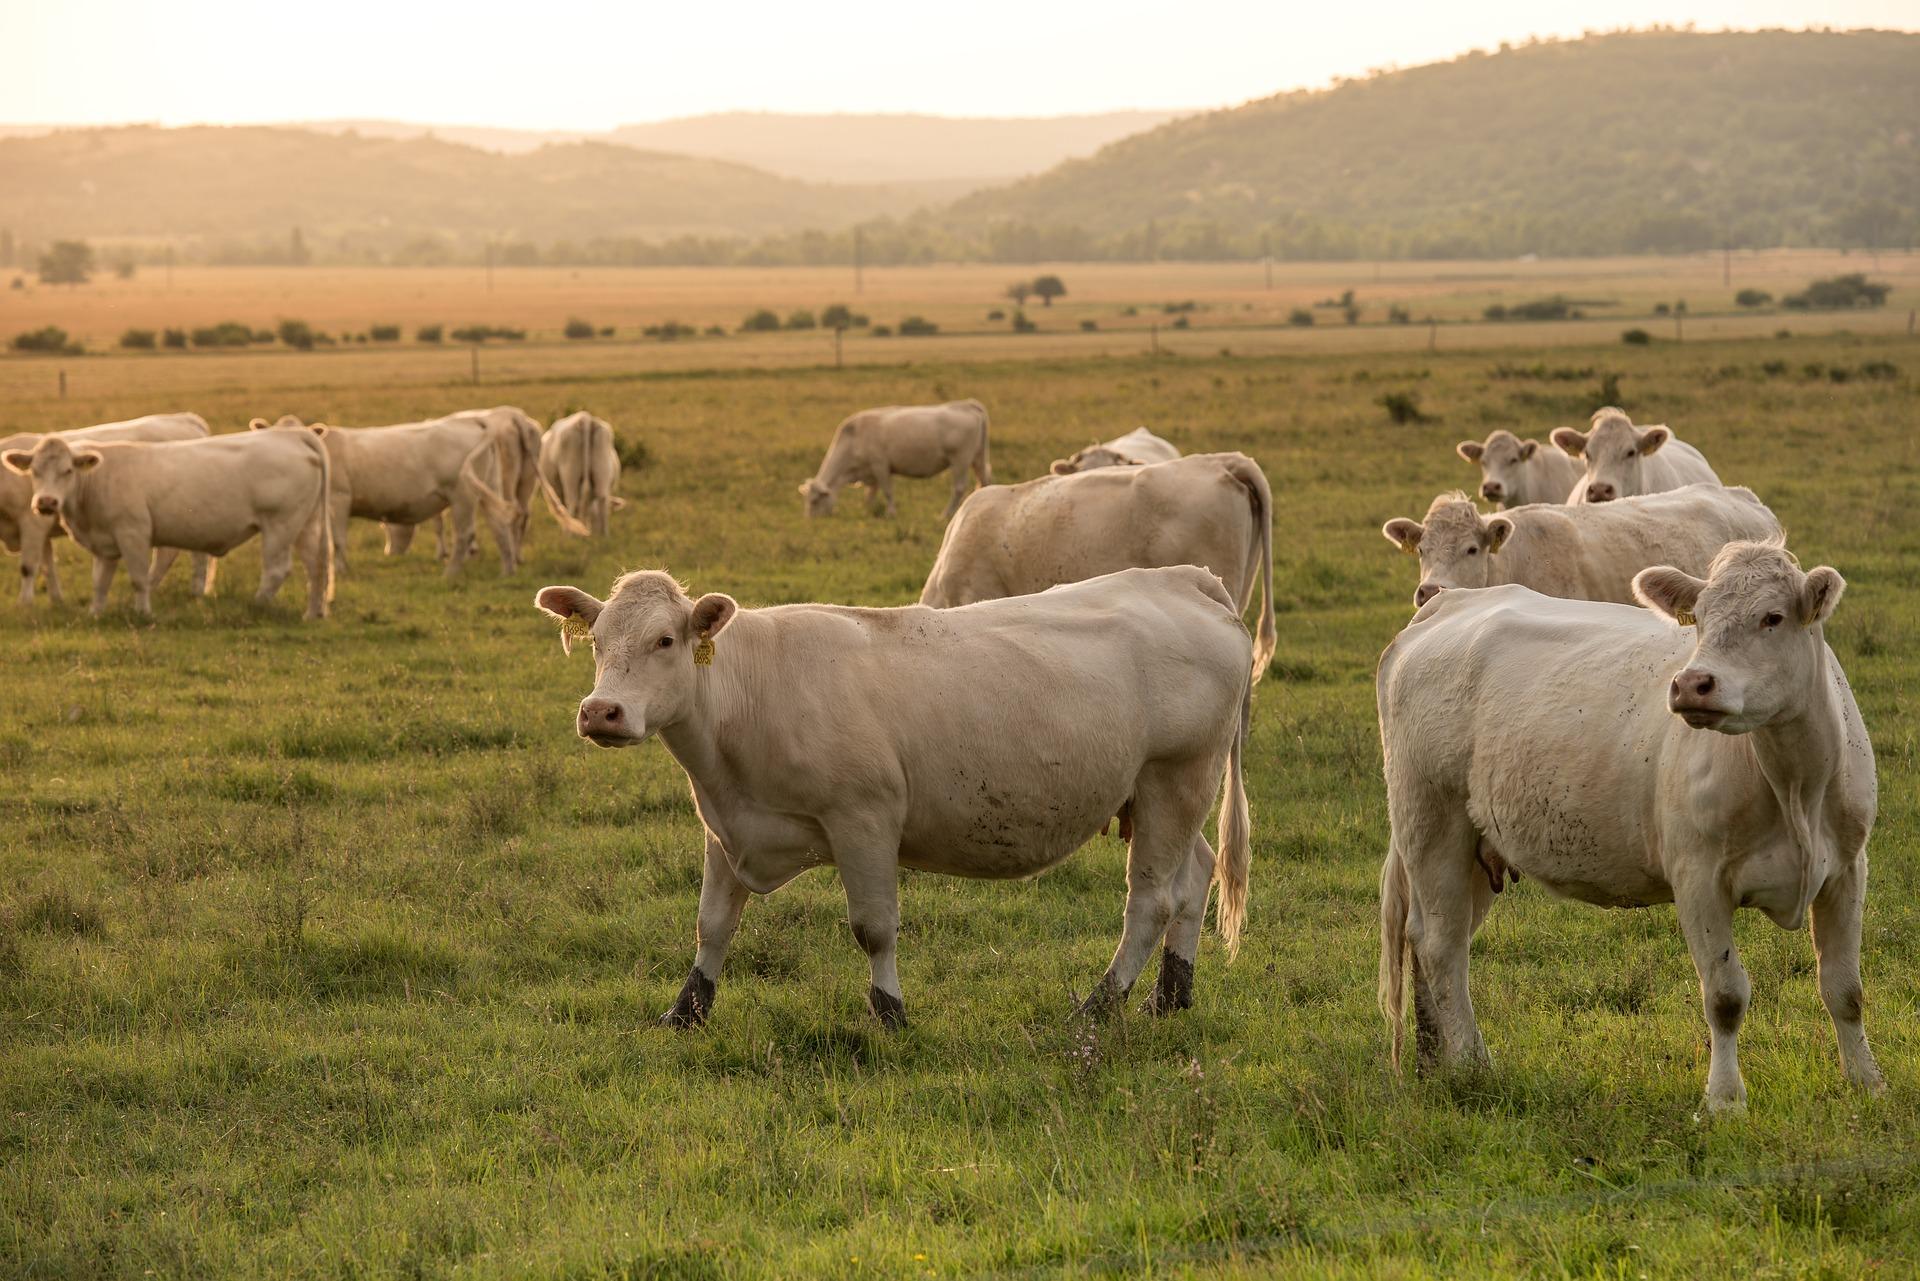 Миколаївську спілку власників корів зобов'язали повернути 333 га землі